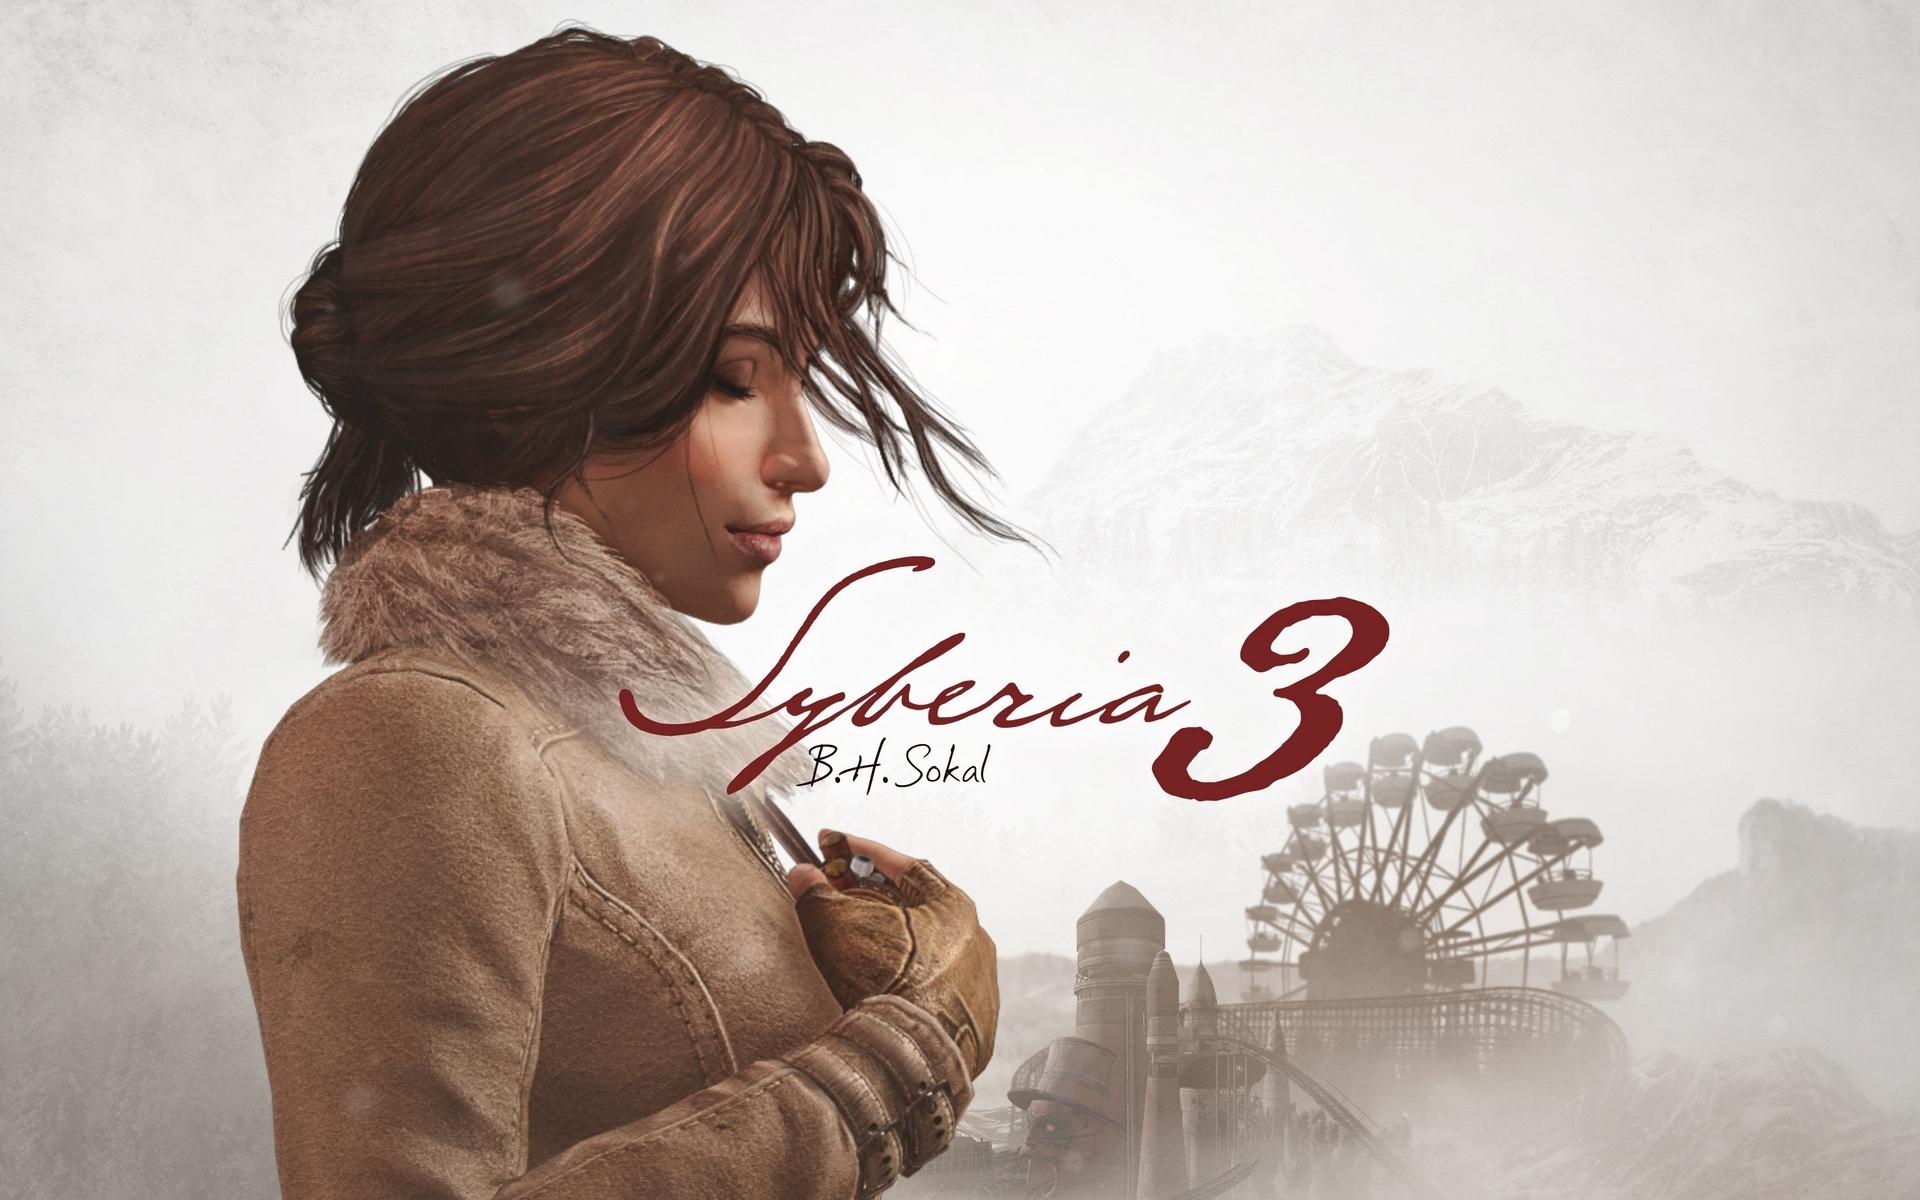 syberia-3-release-date